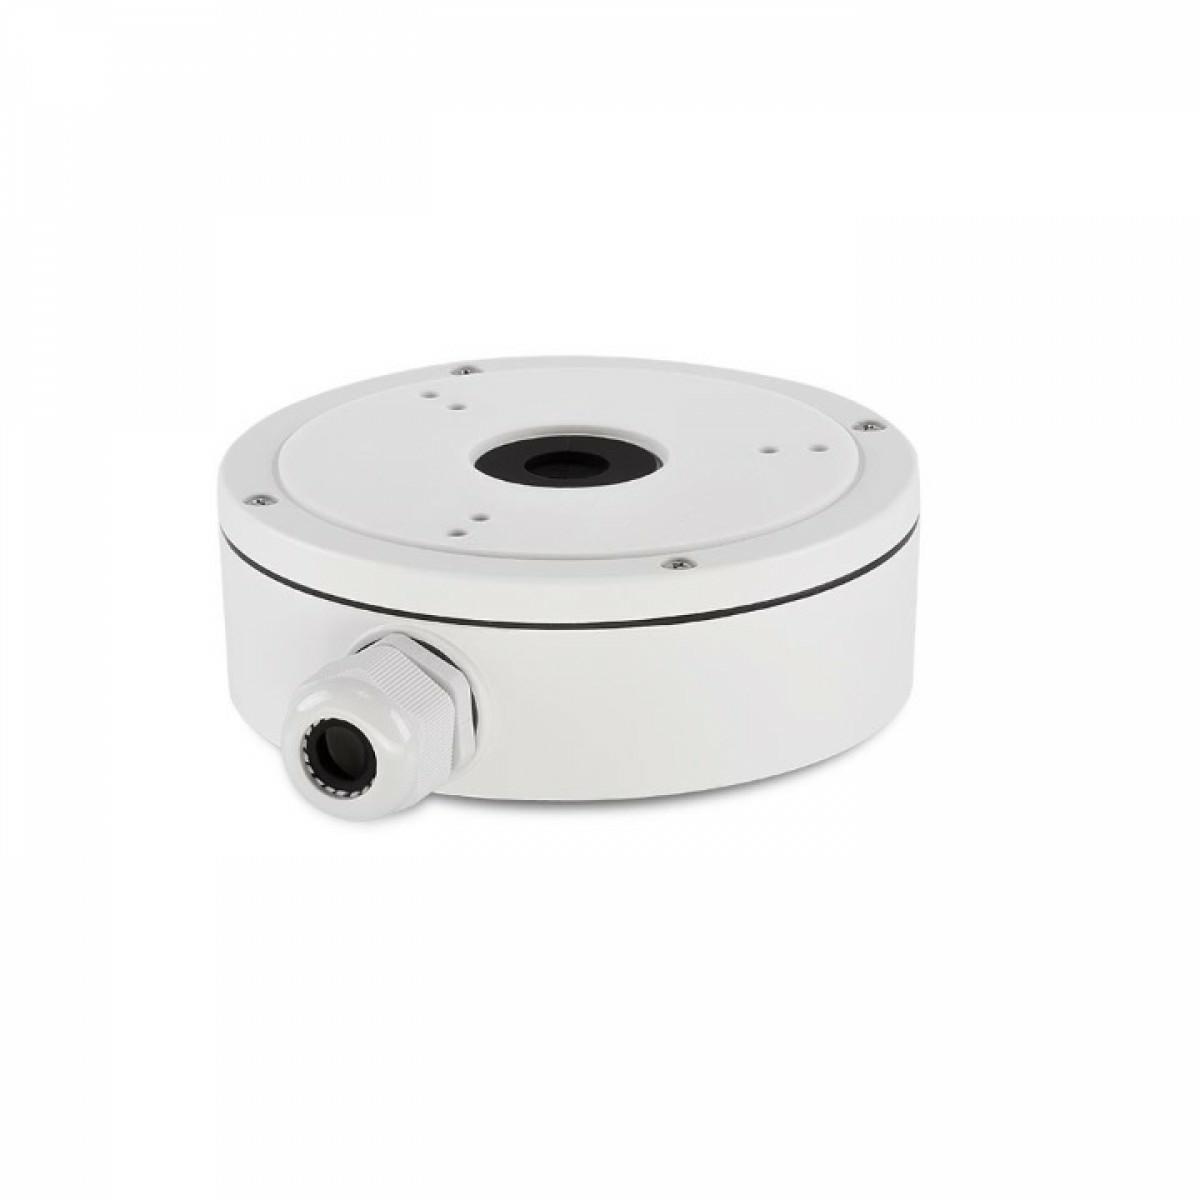 SICE Distributore Ufficiale  ACCESSORI HIKVISION Junction Box for dome camera 16D5T-IT3 | DS-1280ZJ-XS